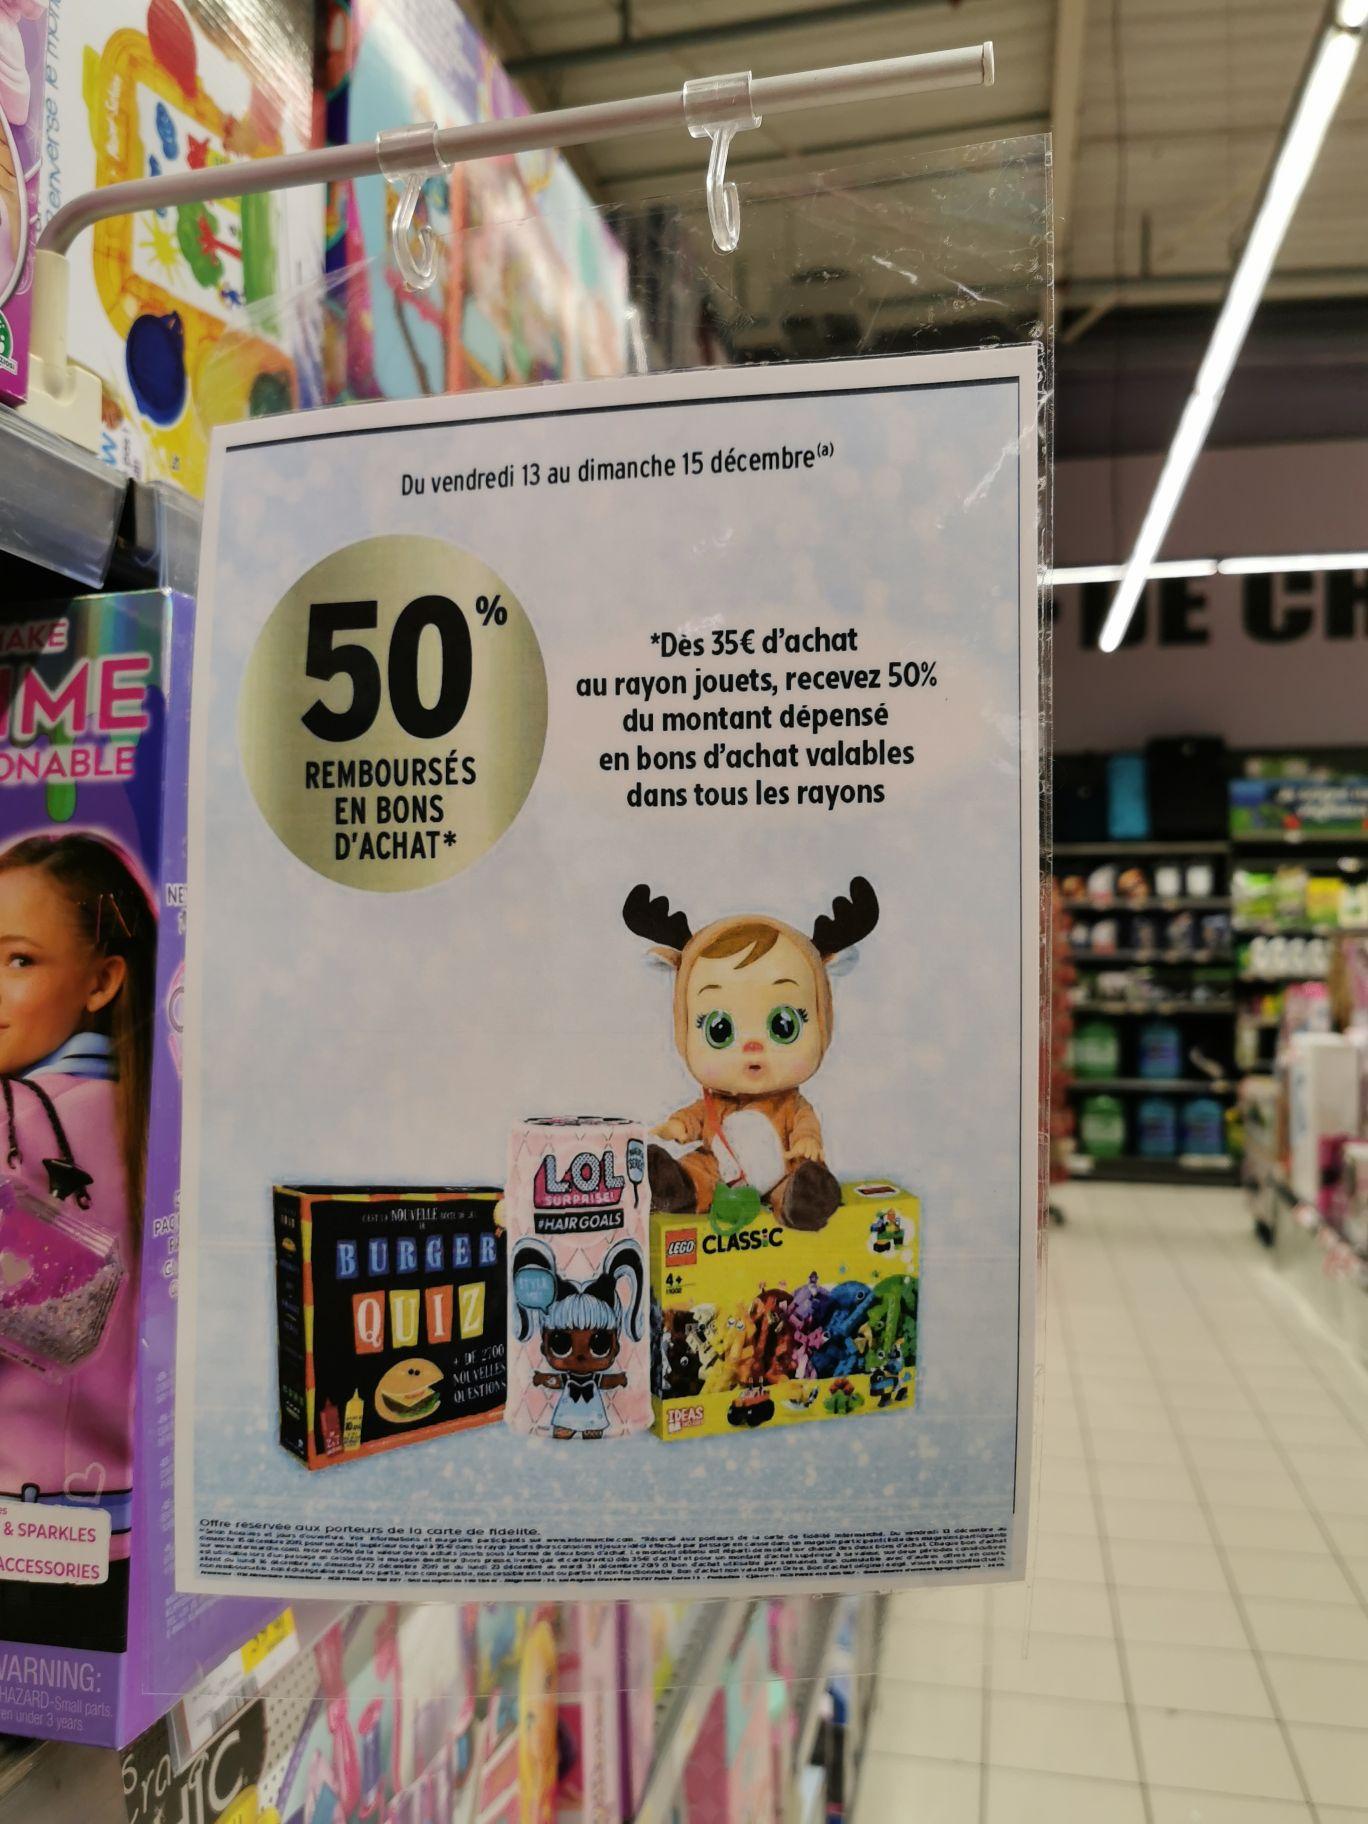 50% remboursé en 2 bons d'achats sur le rayon jouet dès 35€ d'achat - Masny (59)